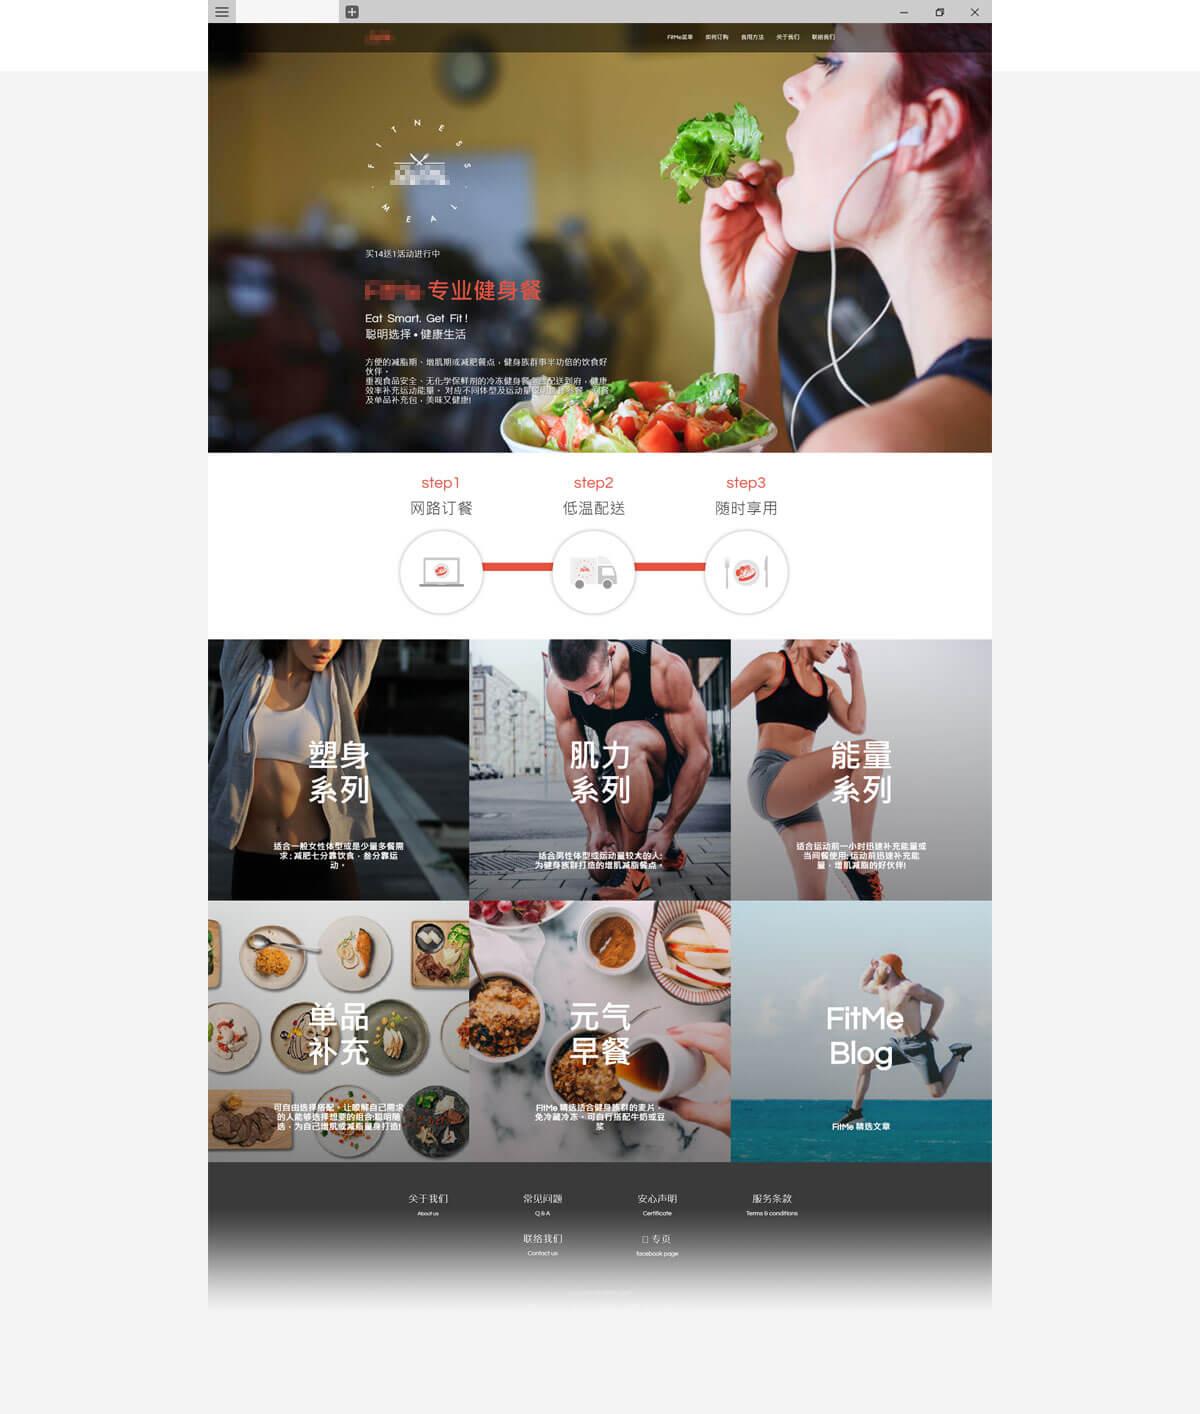 减肥减脂饮食增肌健身餐行业网站